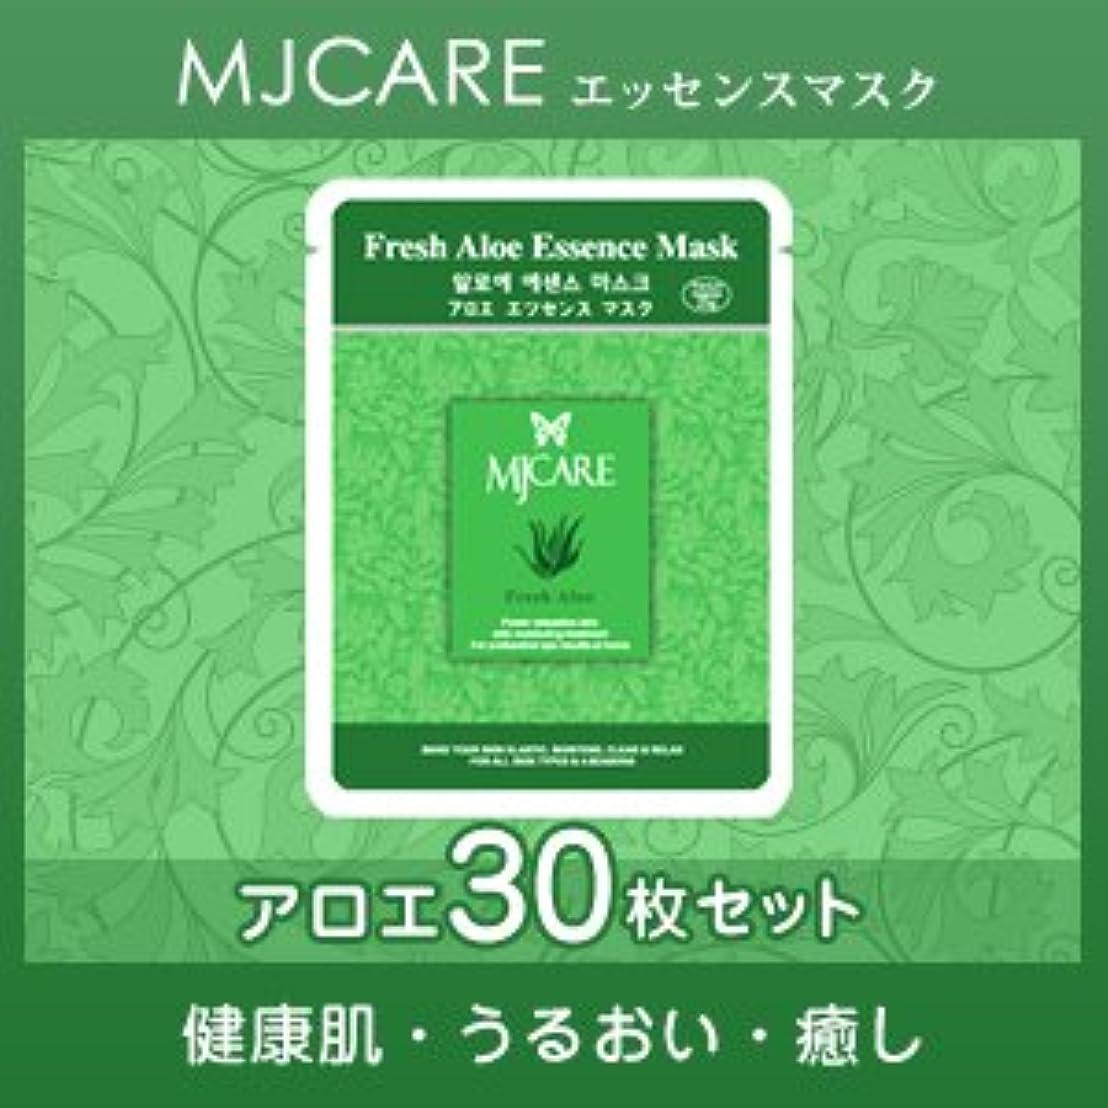 側保存する指定MJCARE (エムジェイケア) エッセンスマスク ?アロエ 30セット